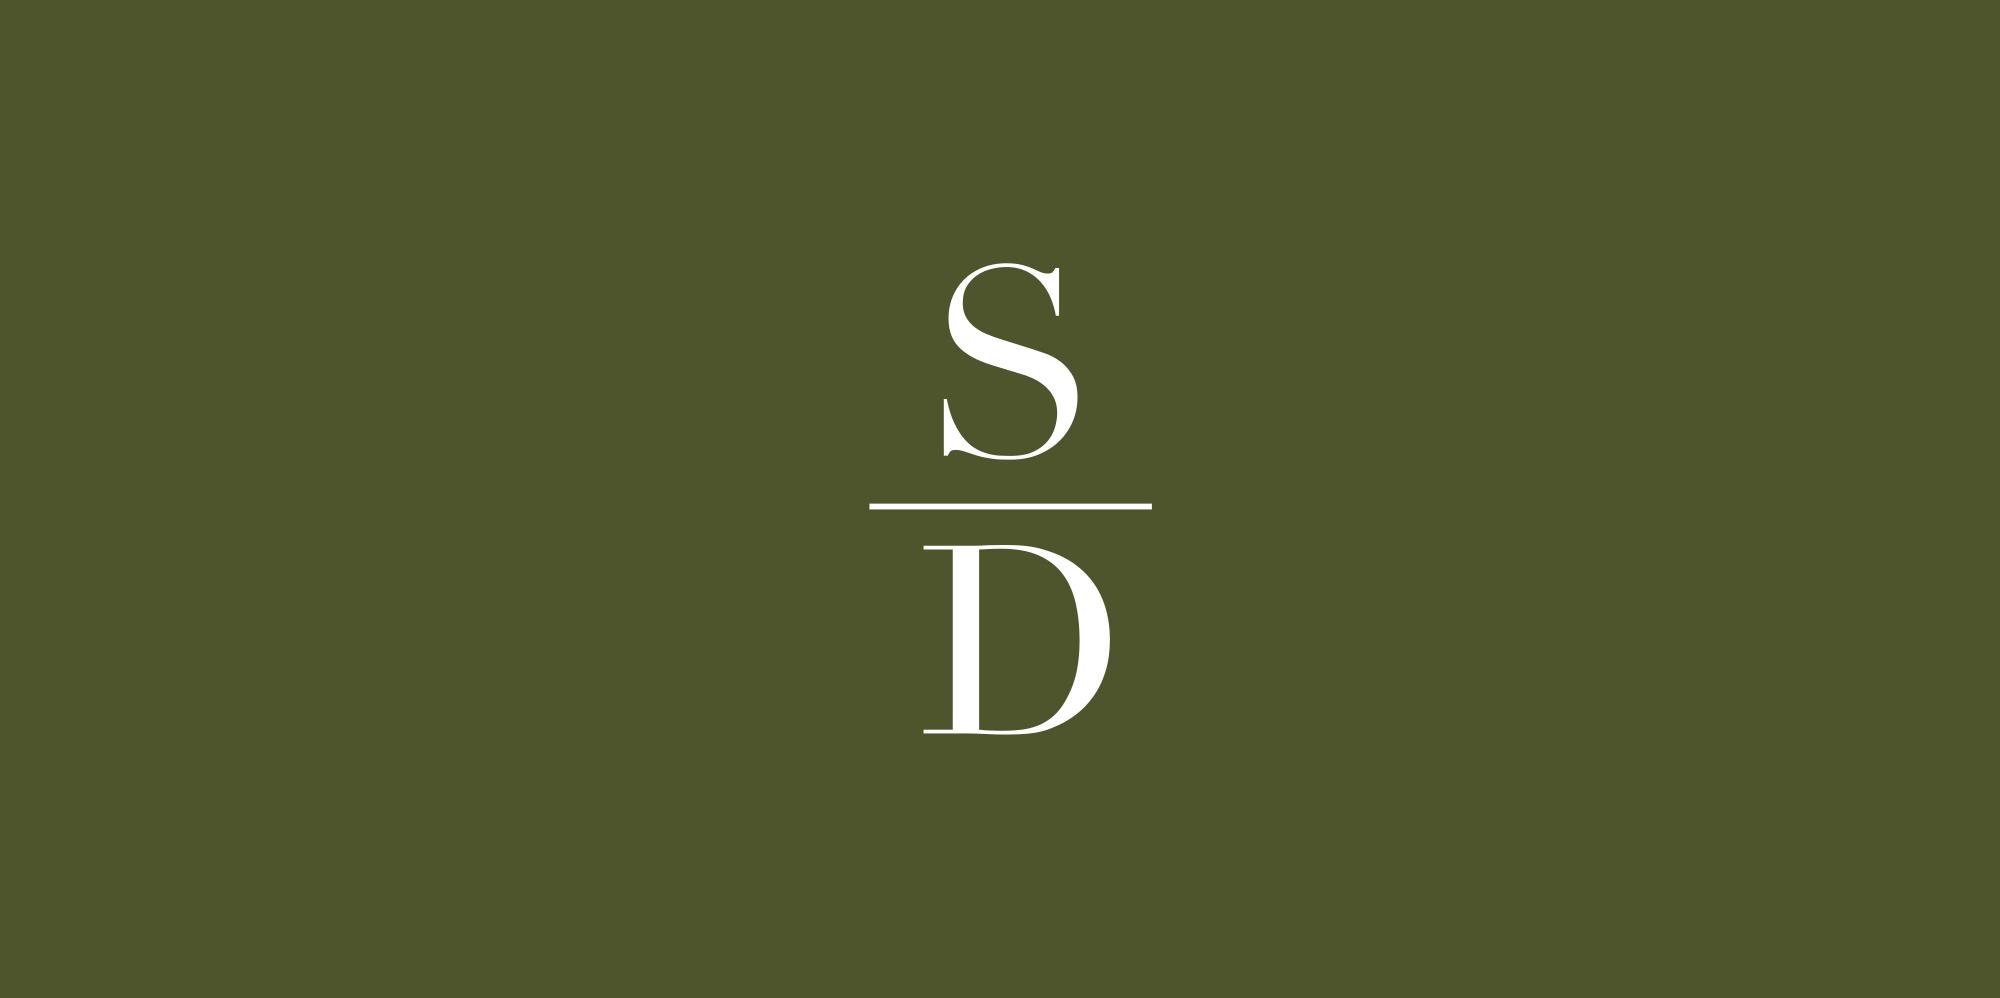 SD_Icon.jpg